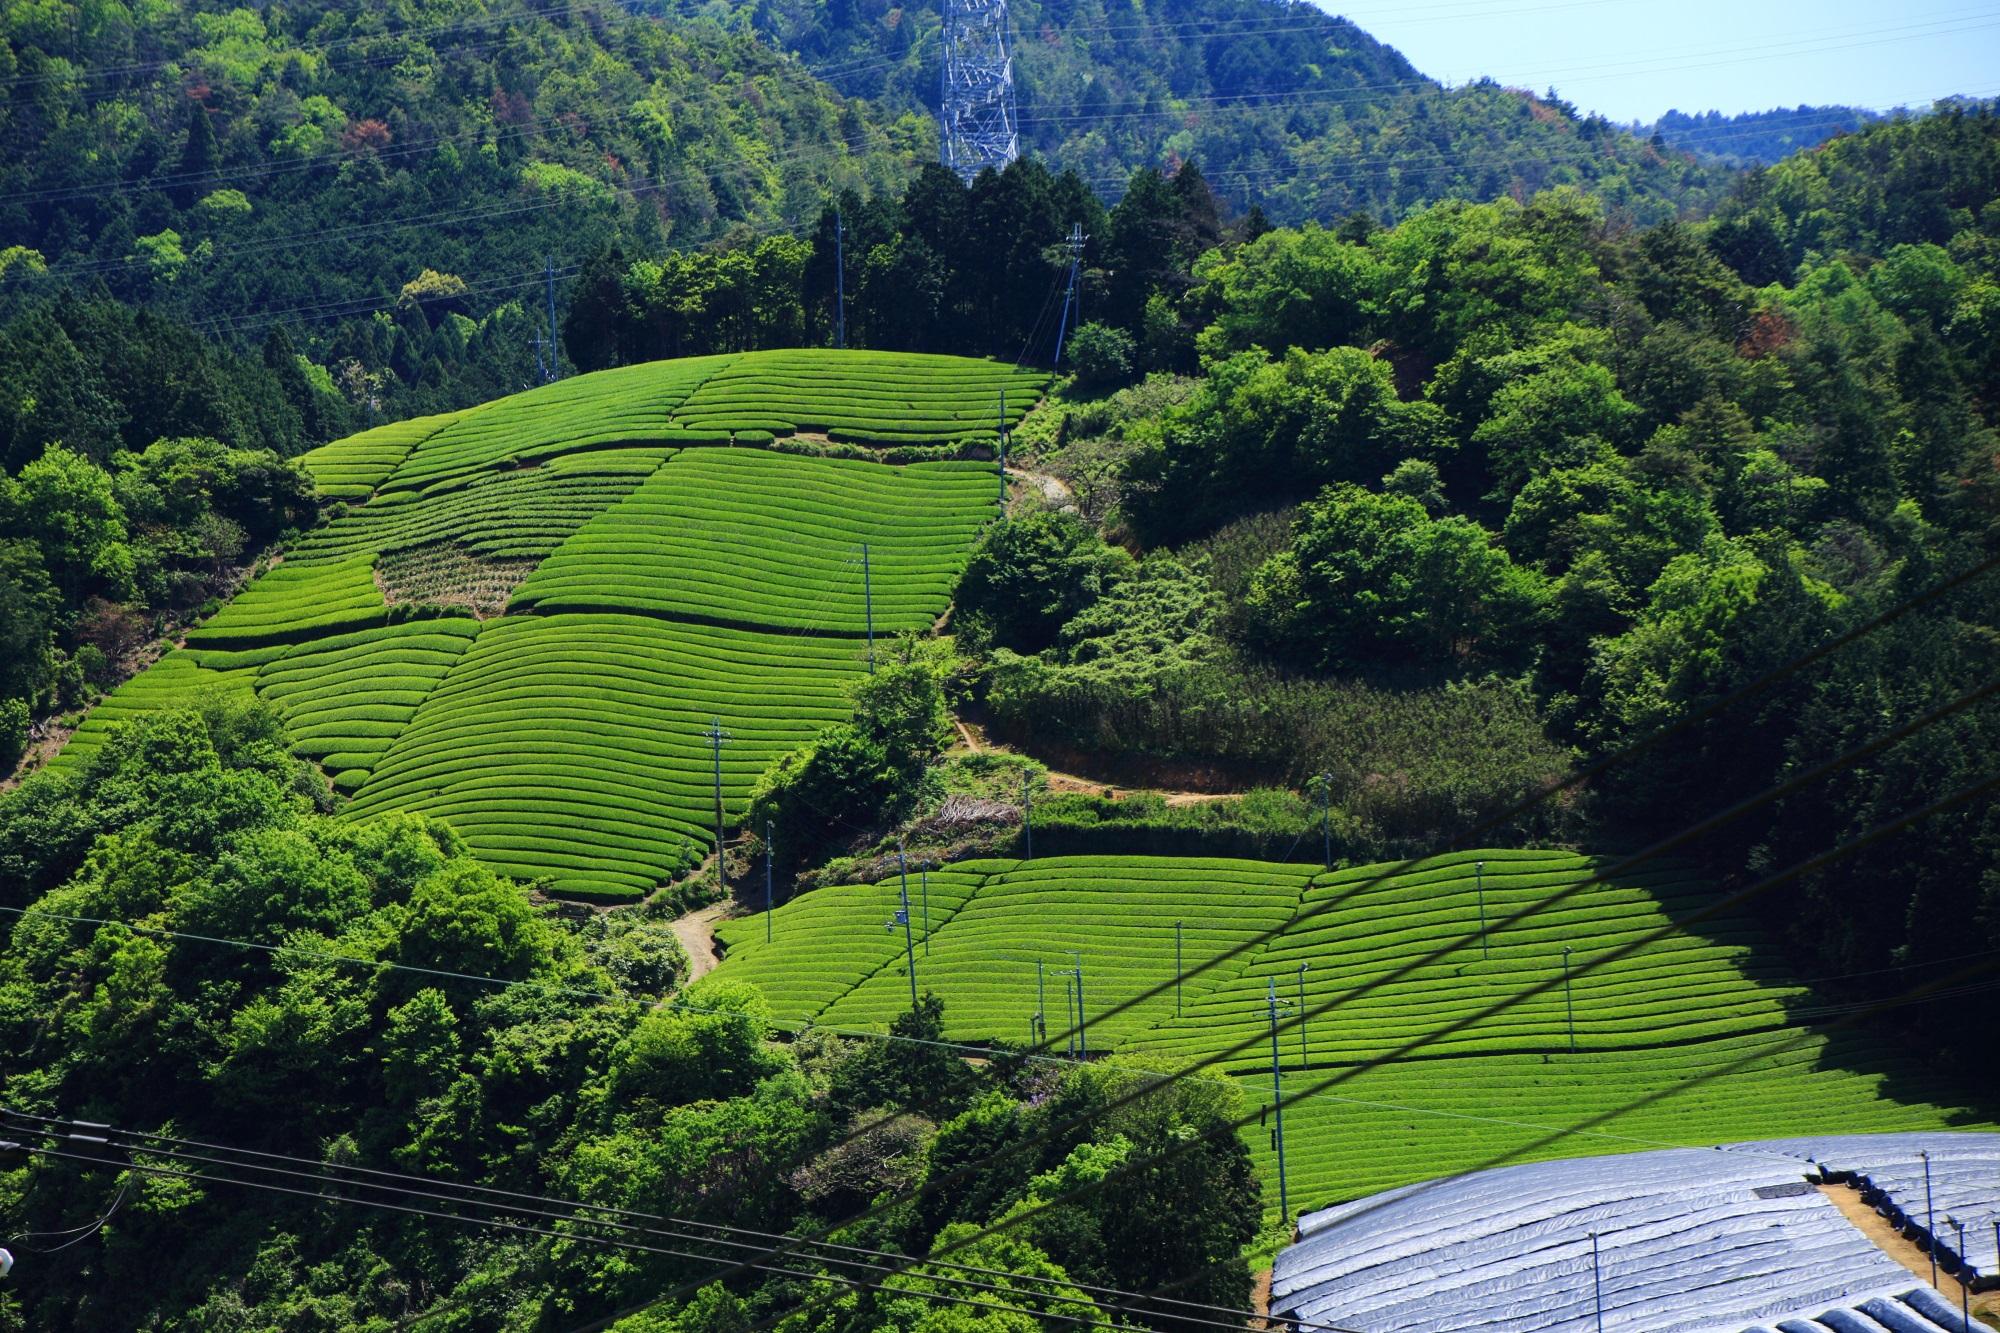 向かいの山に広がる美しい緑のお茶畑